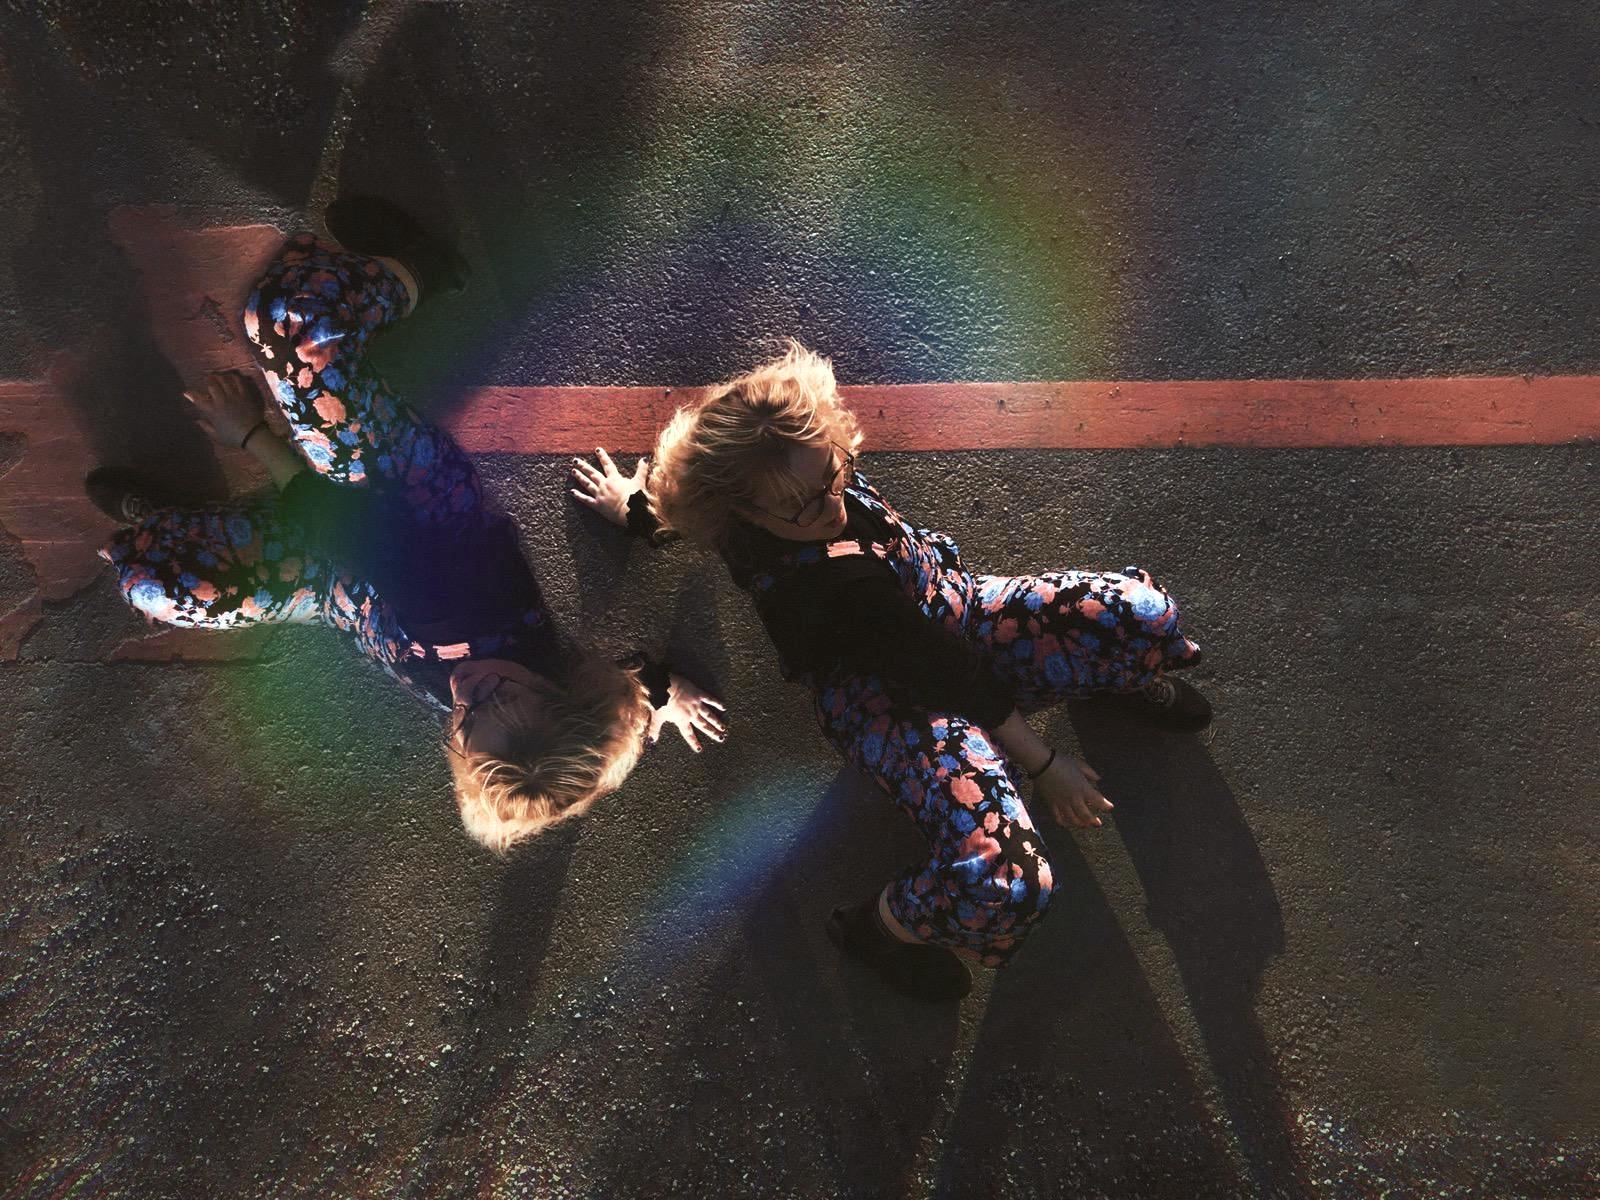 Kaksi tanssijaa asfaltilla.